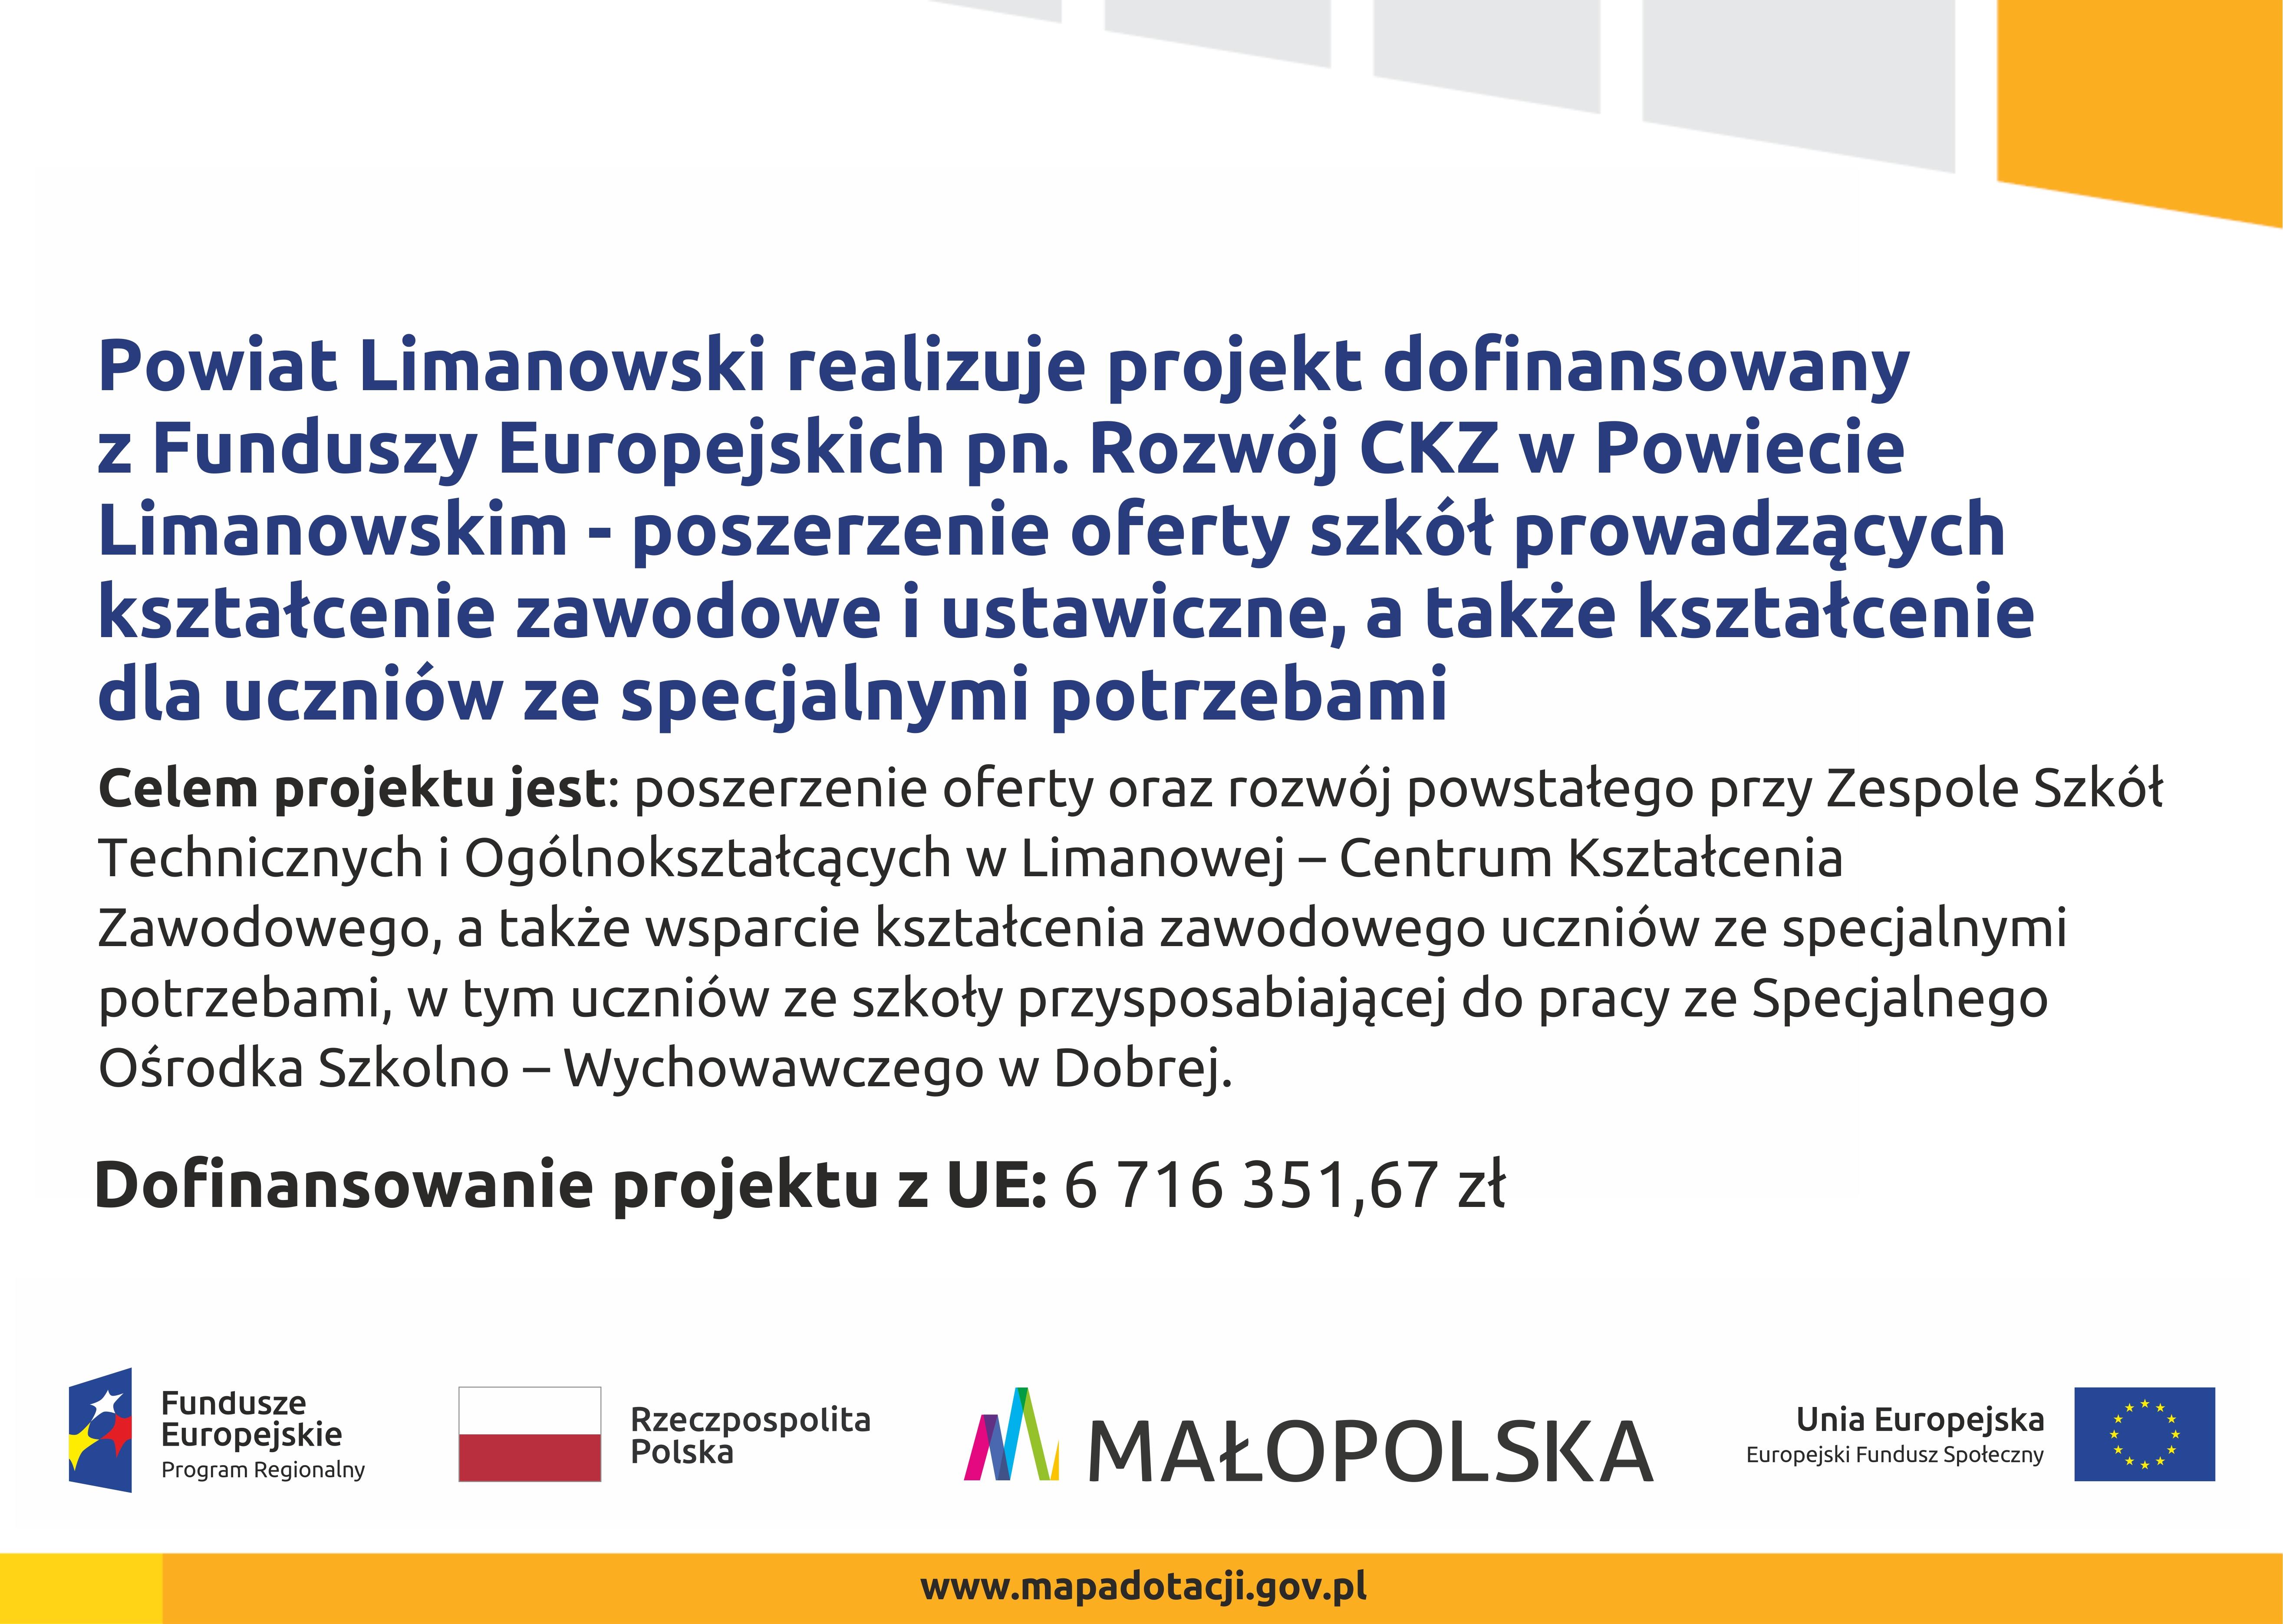 Rozwój CKZ w Powiecie Limanowskim - informacja